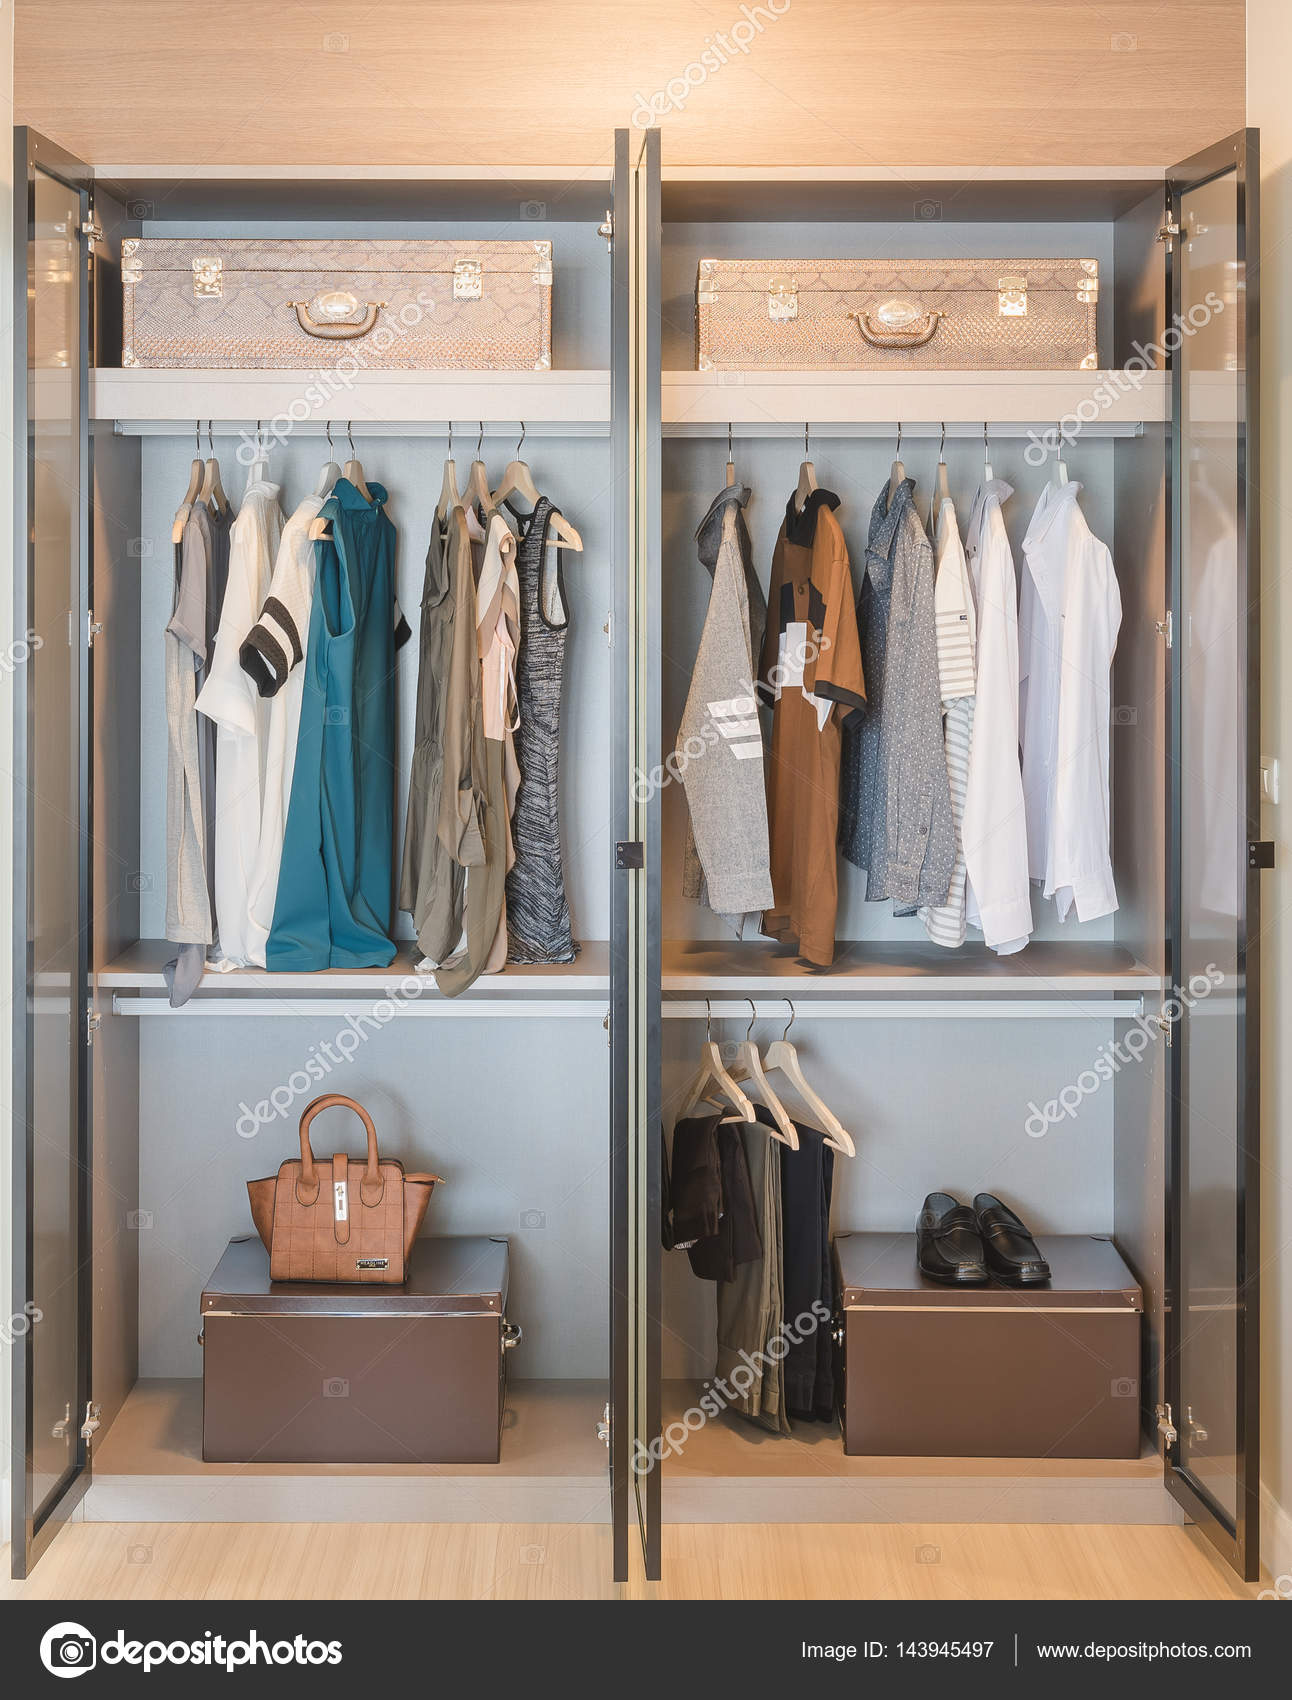 Schön Moderne Garderobe Ideen Von Kleiderstange Hängen In — Stockfoto